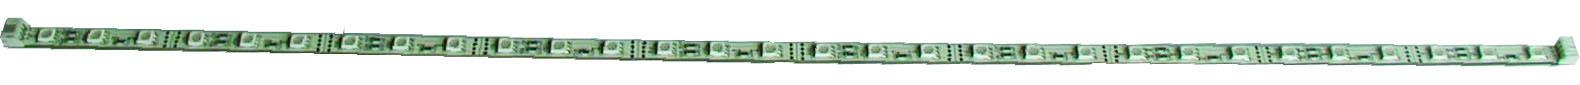 LED Strip Streifen LED Band starr 12V 7,2W 30 SMD LED's 57,4 cm